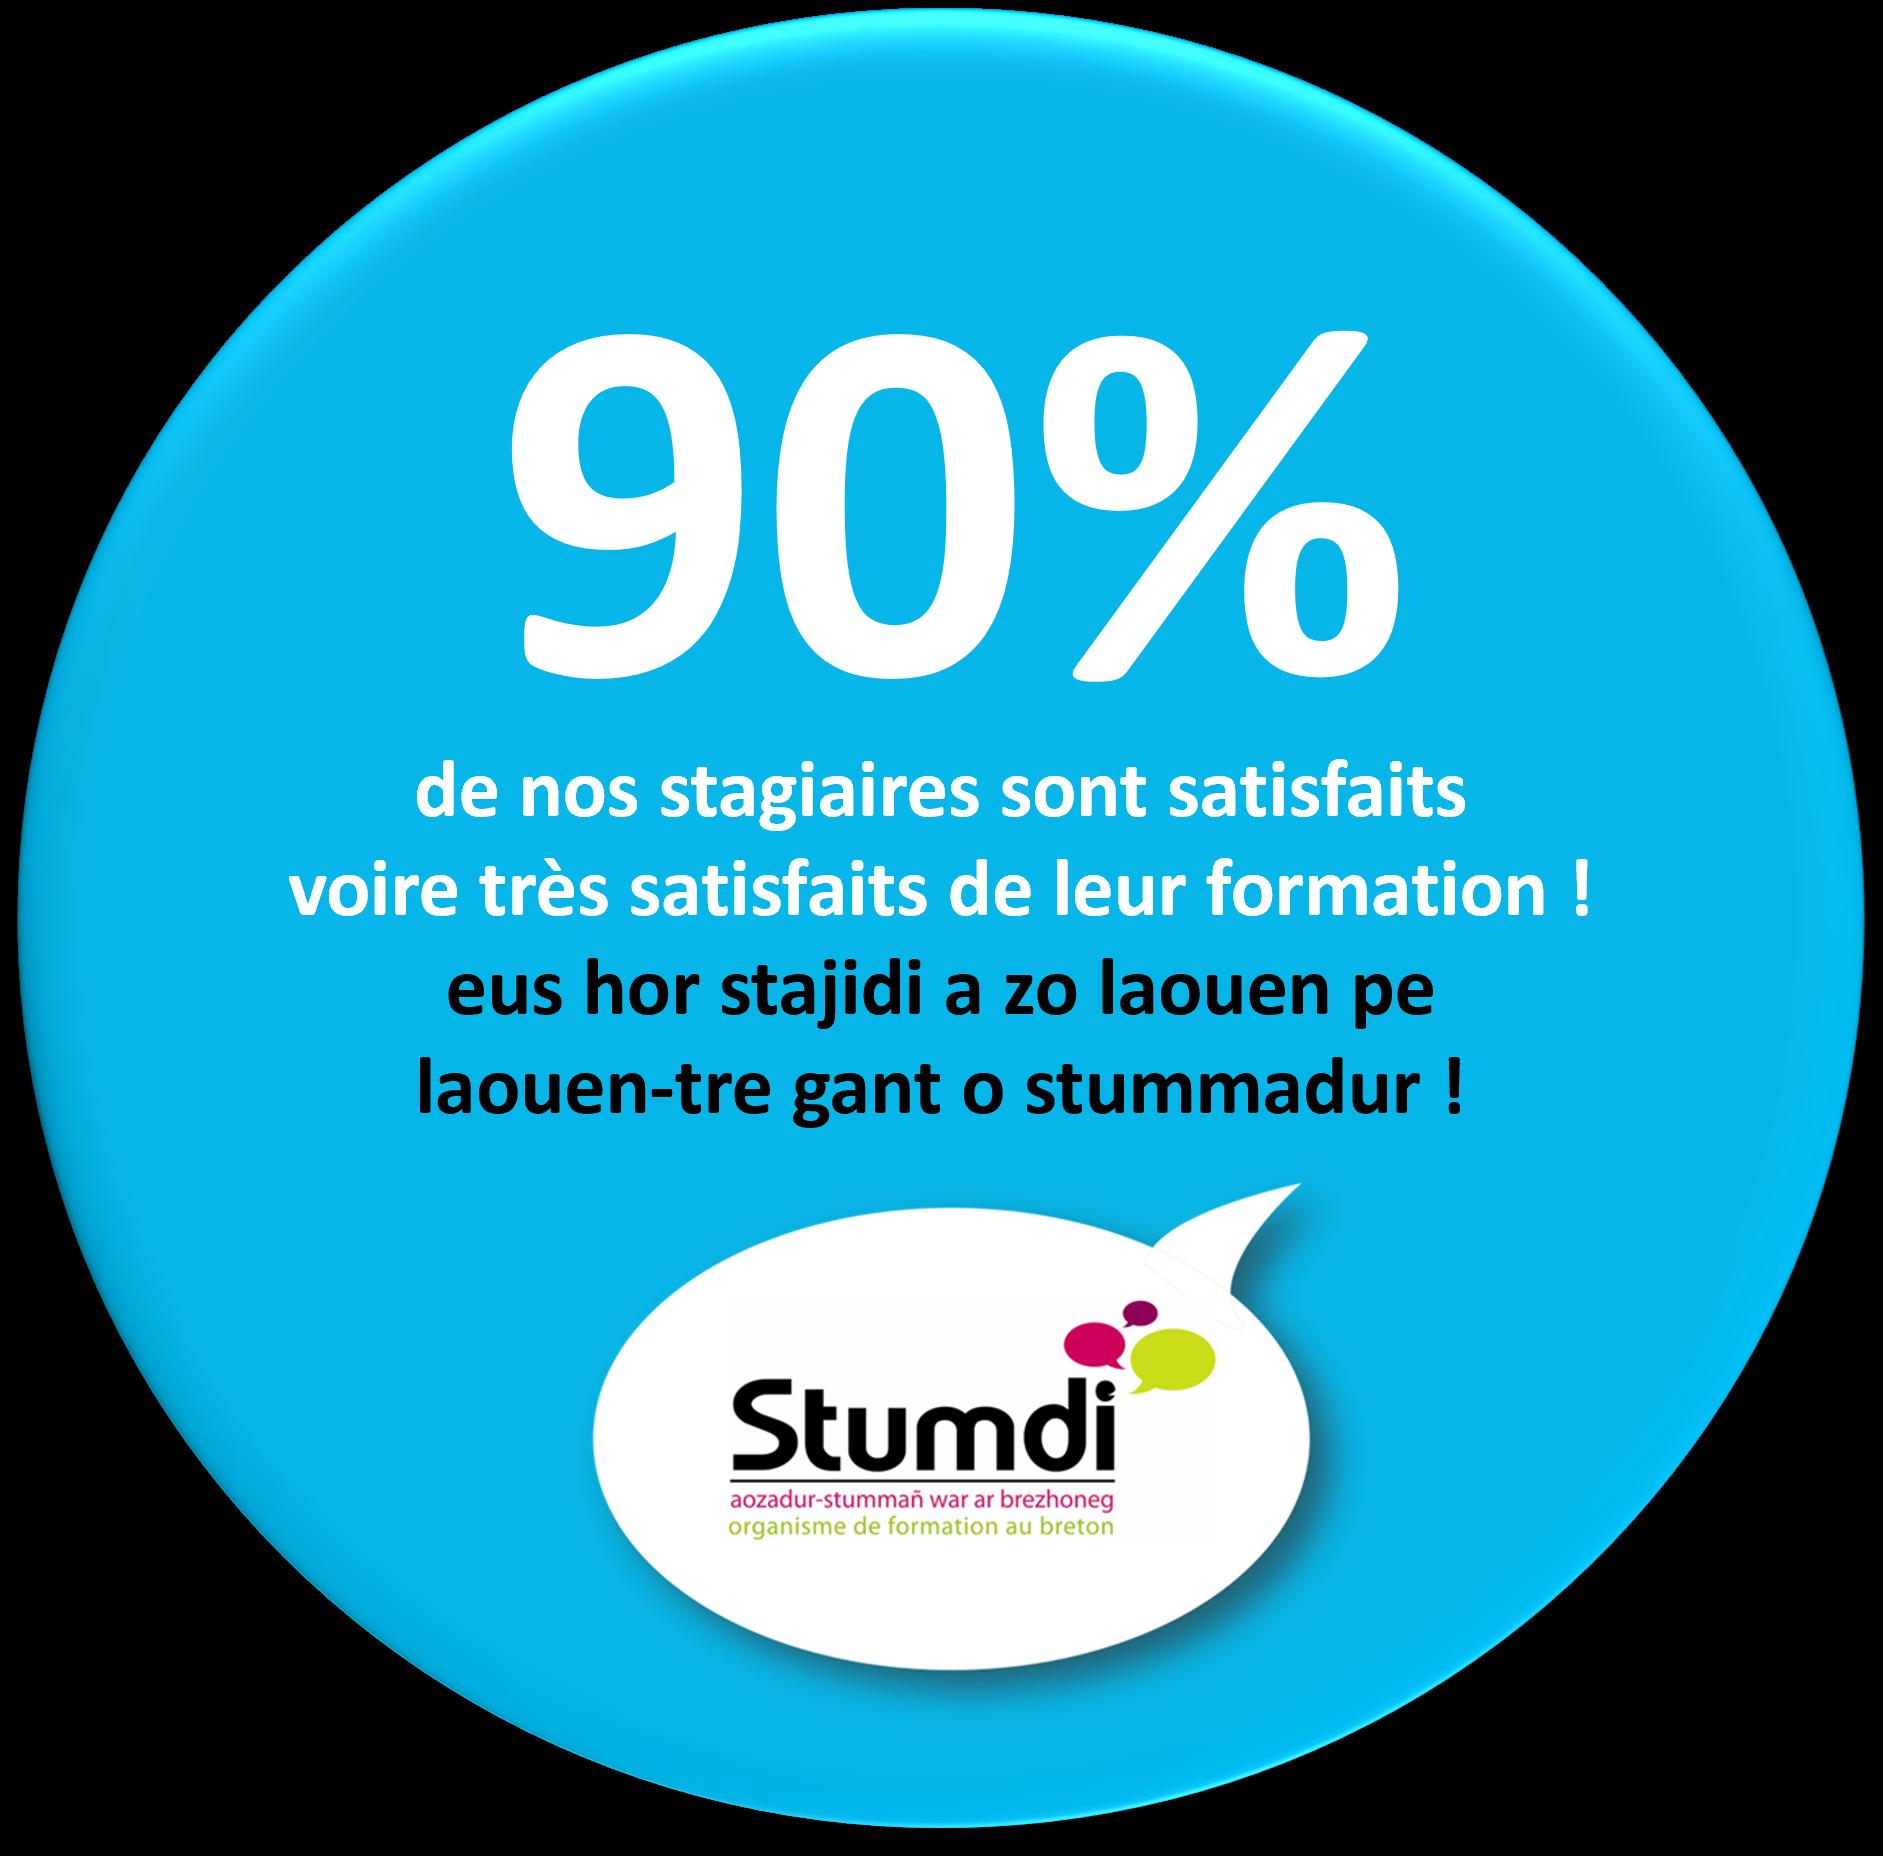 Stumdi centre de formation langue bretonne